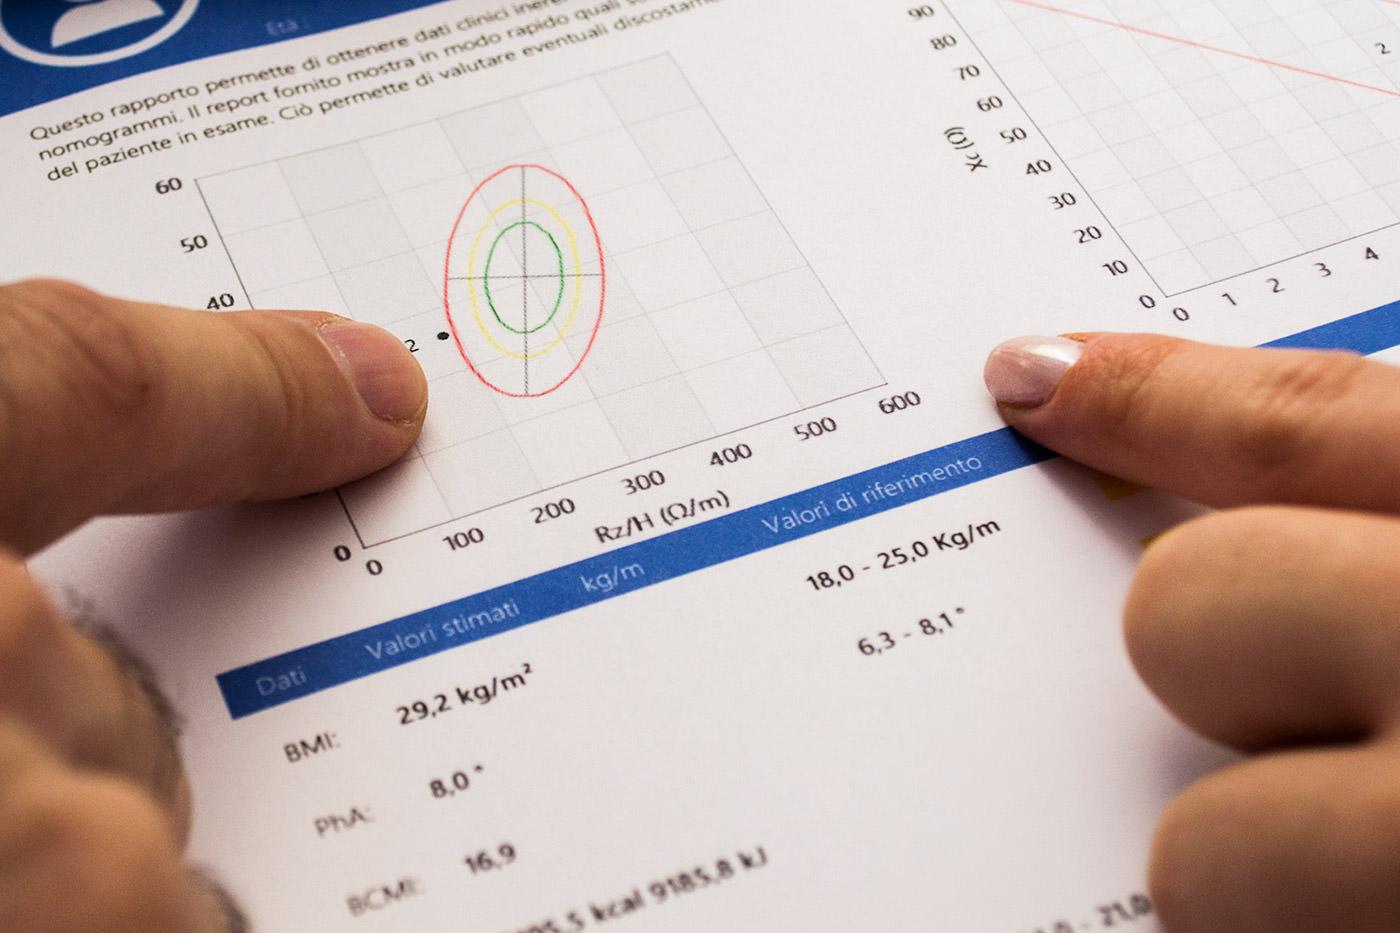 valutazione composizione corporea